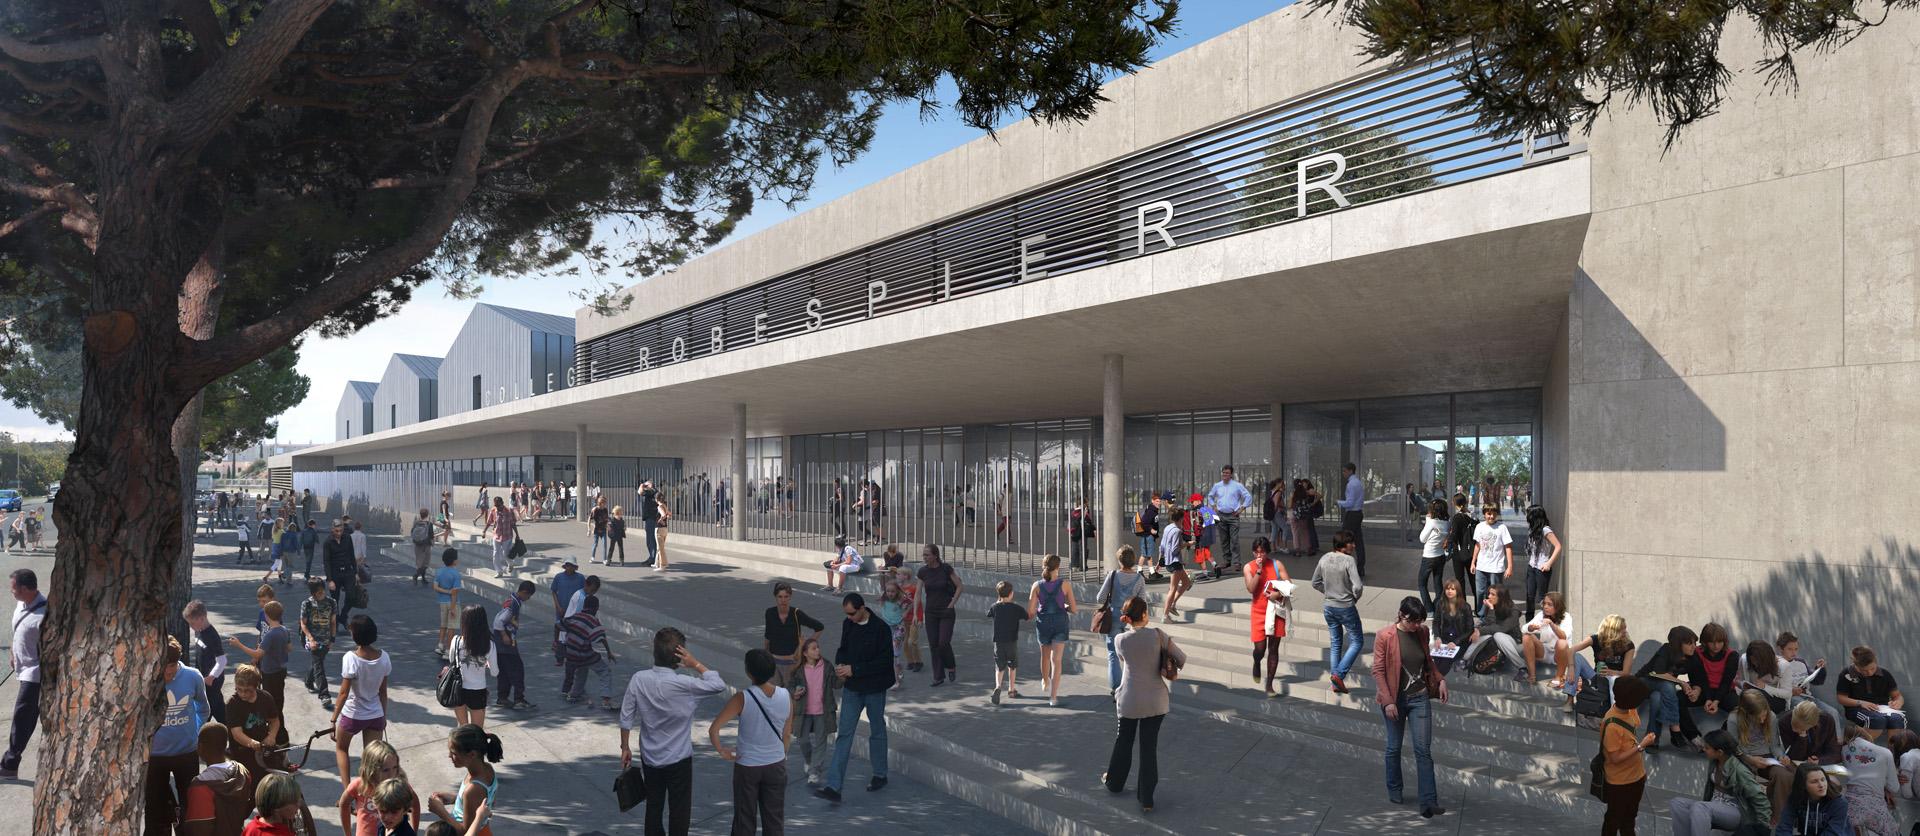 Collège Robespierre Golem Images - Hotel port saint louis du rhone